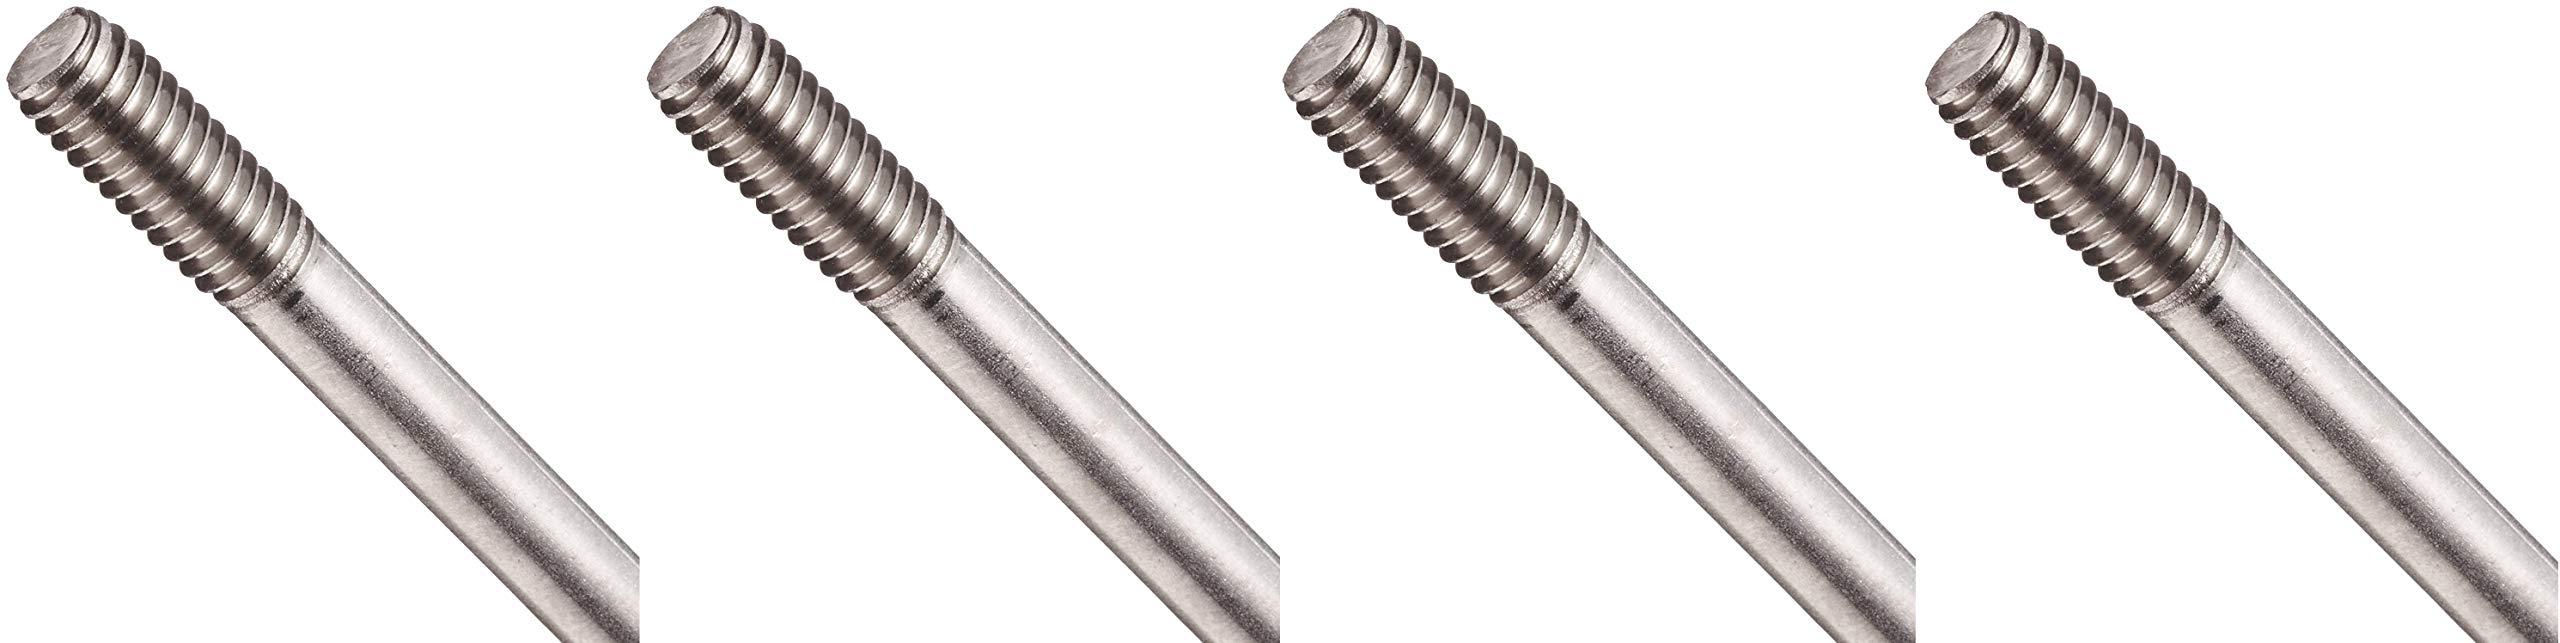 Kerick Valve SR06 Stainless Steel Rod for Float Valve, 1/4'' Diameter, 6'' Length (Fоur Paсk)